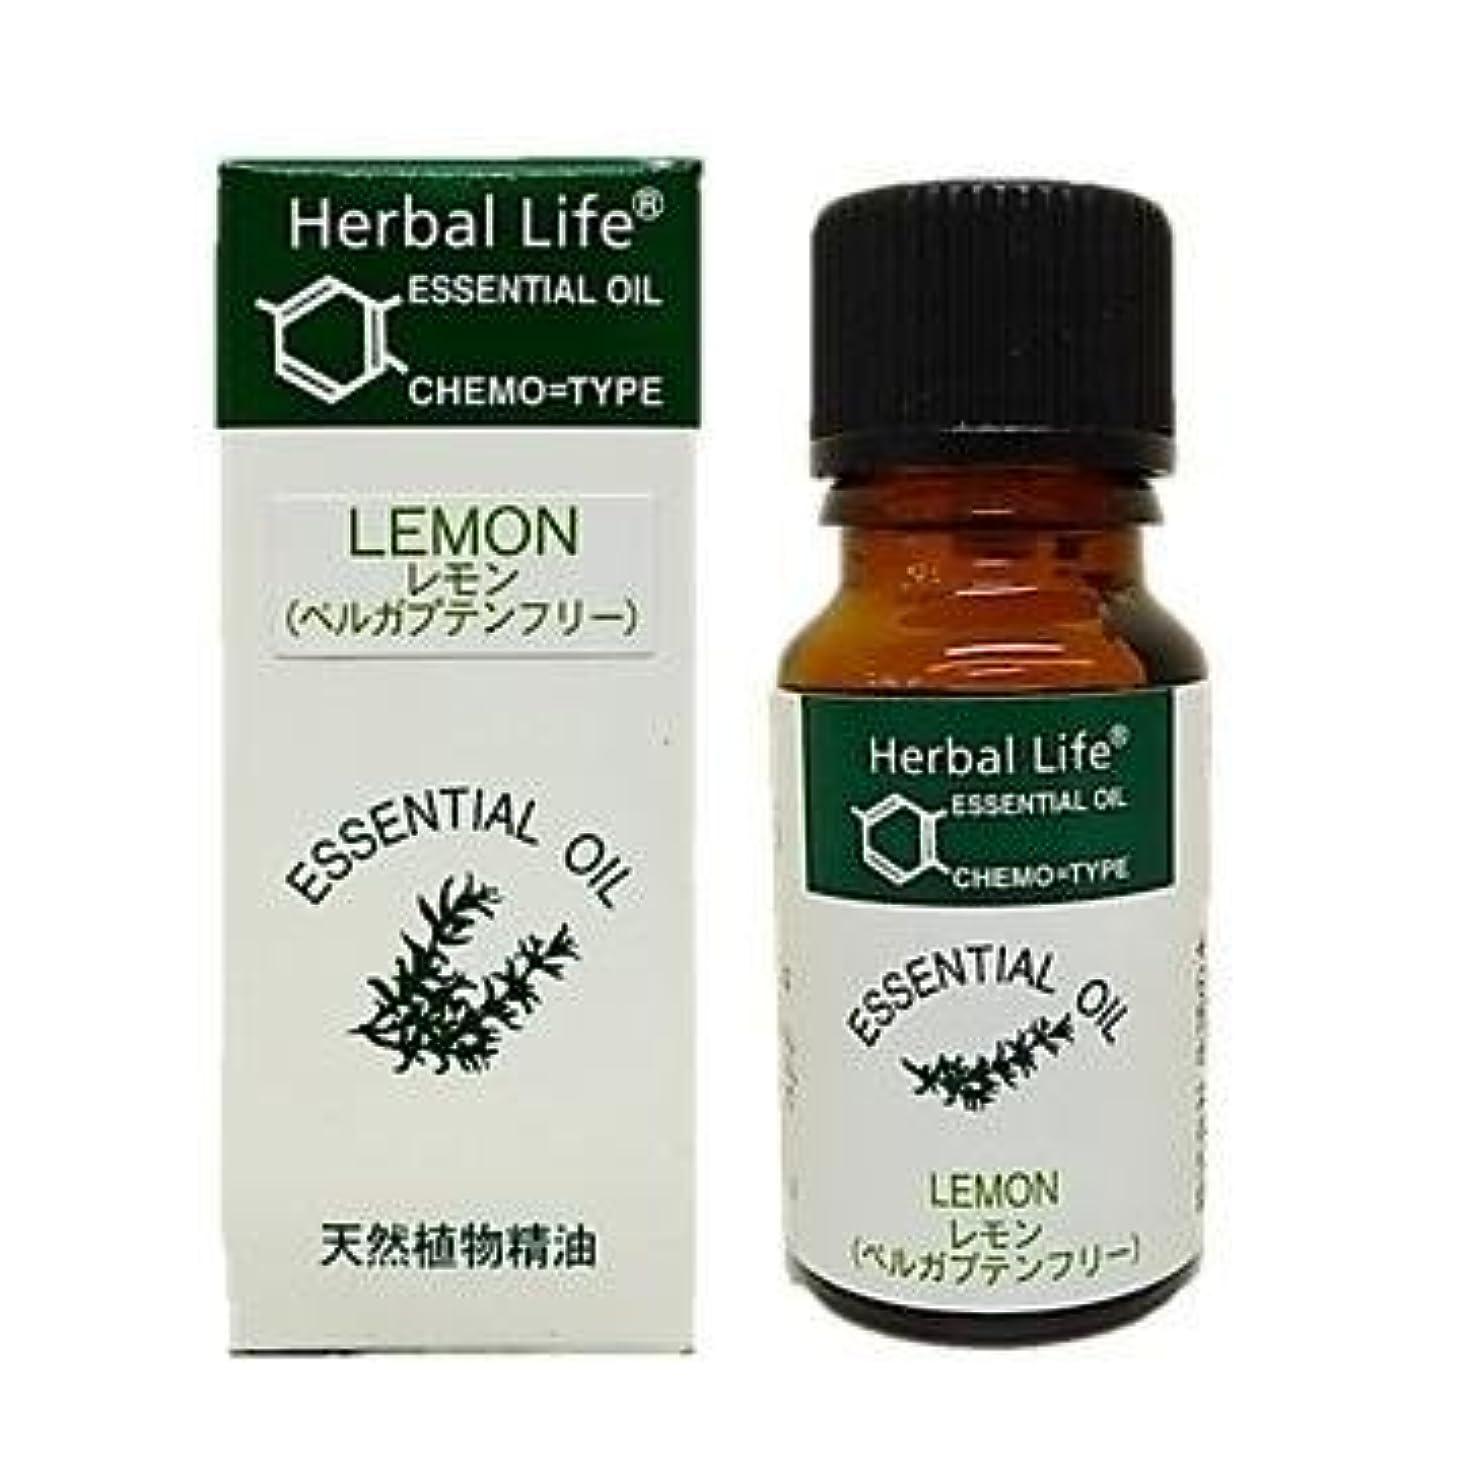 控えめな気候の山ドロー生活の木 レモン(フロクマリンフリー)10ml エッセンシャルオイル/精油